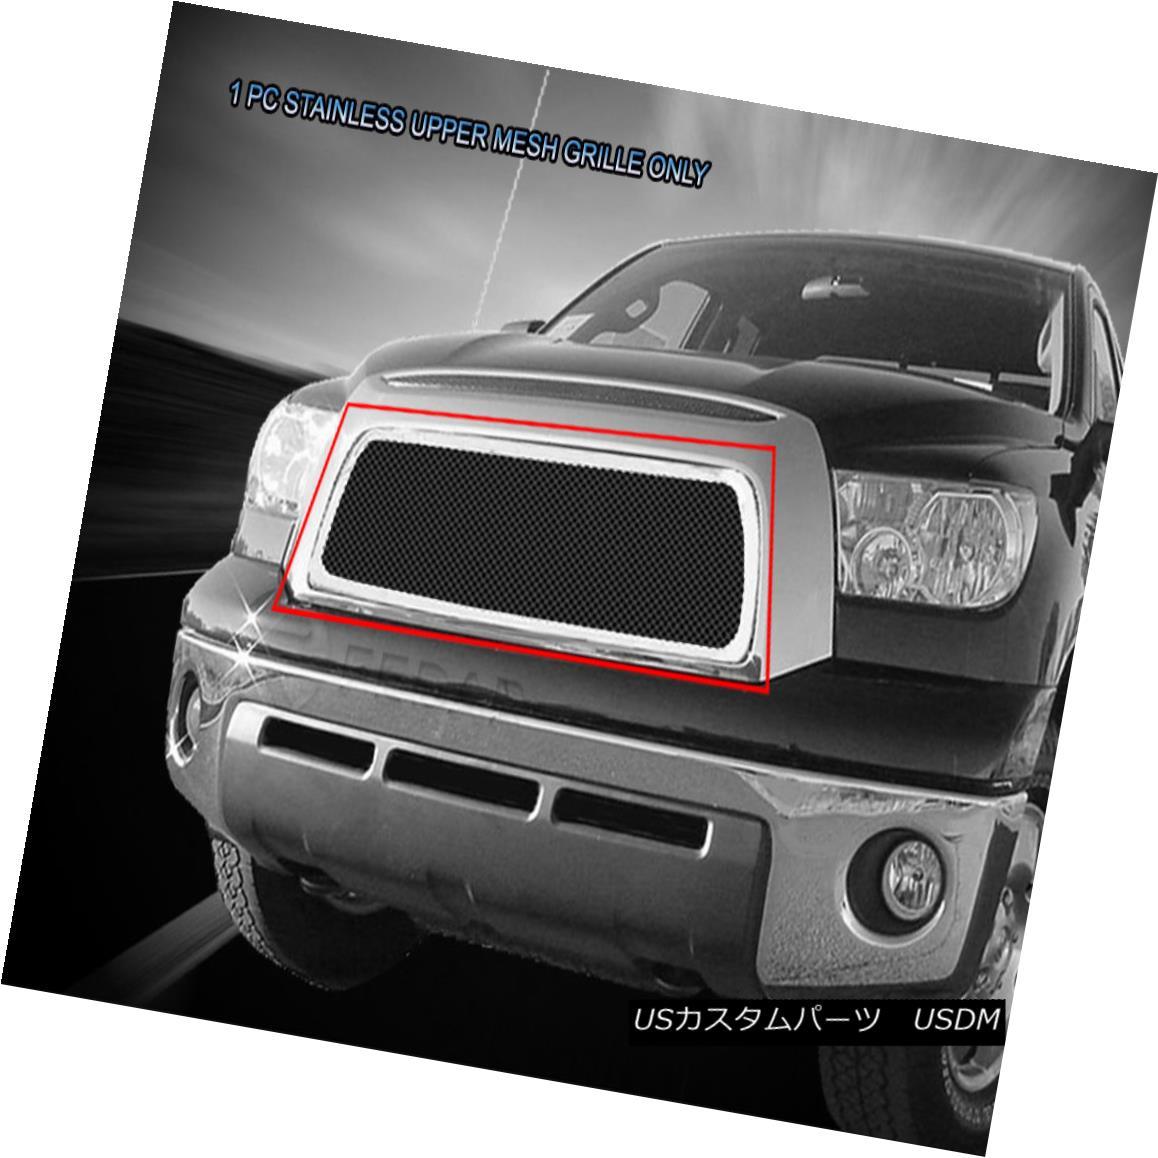 グリル Fedar Fits 07-09 Toyota Tundra Polished Black Grille Insert フェデラルフィット07-09トヨタトンドラポリッシュブラックグリルインサート